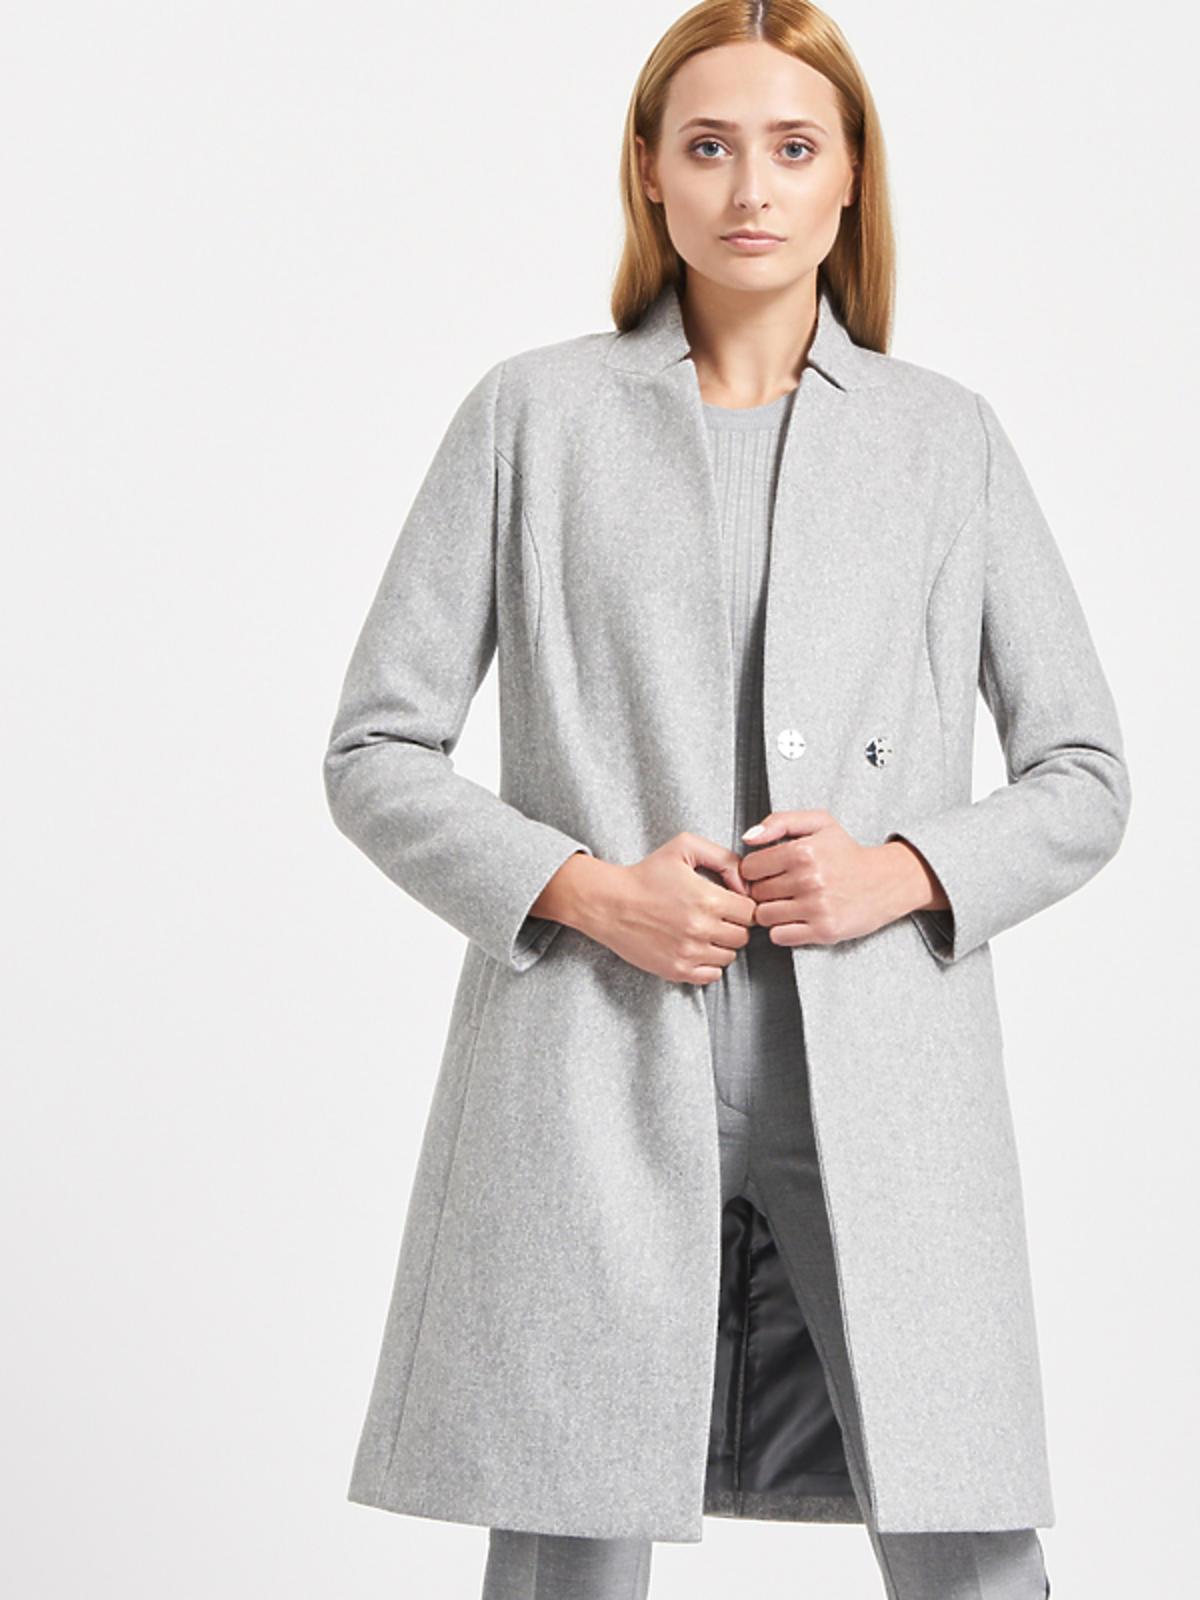 Płaszcz z domieszką wełny, Reserved, przeceniony z 349,99 zł na 199,99 zł